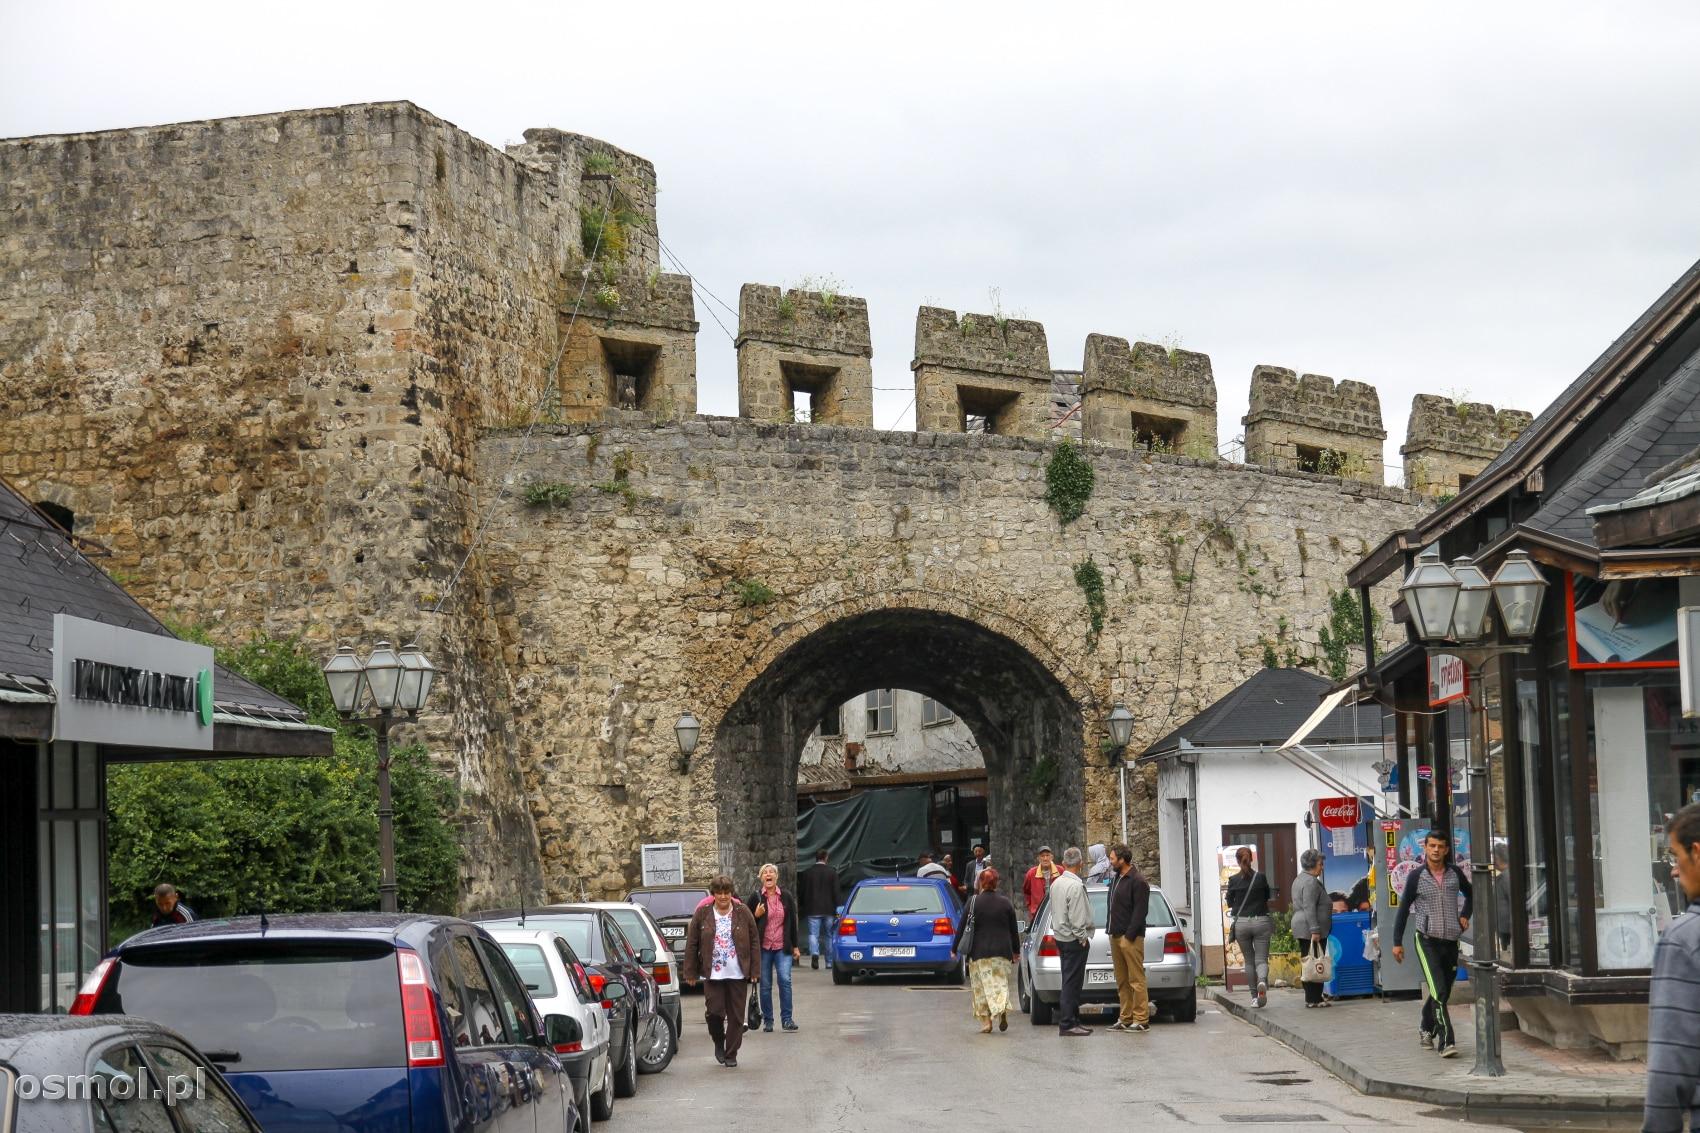 Brama Banja Luka w Jajcach. Jedna z dwóch bram wiodących do miasta